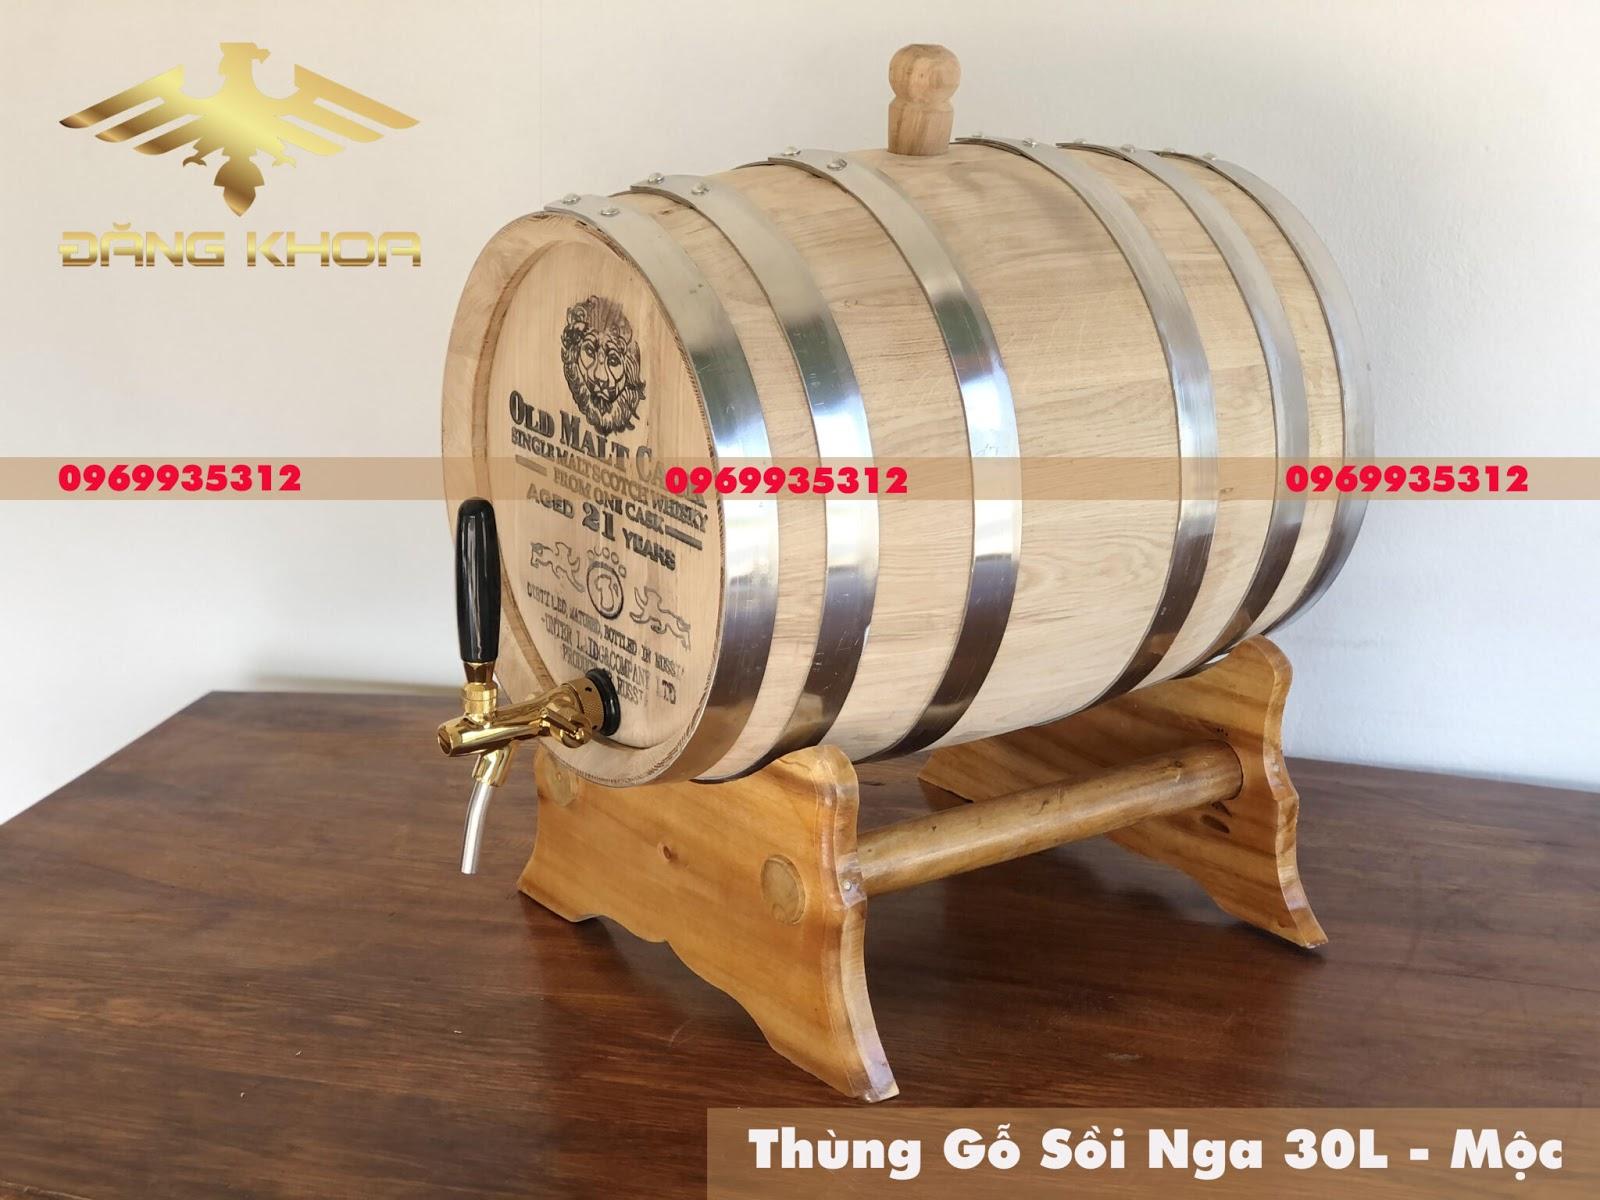 Bán thùng gỗ sồi 20l giá rẻ đẹp tại Hà Nội